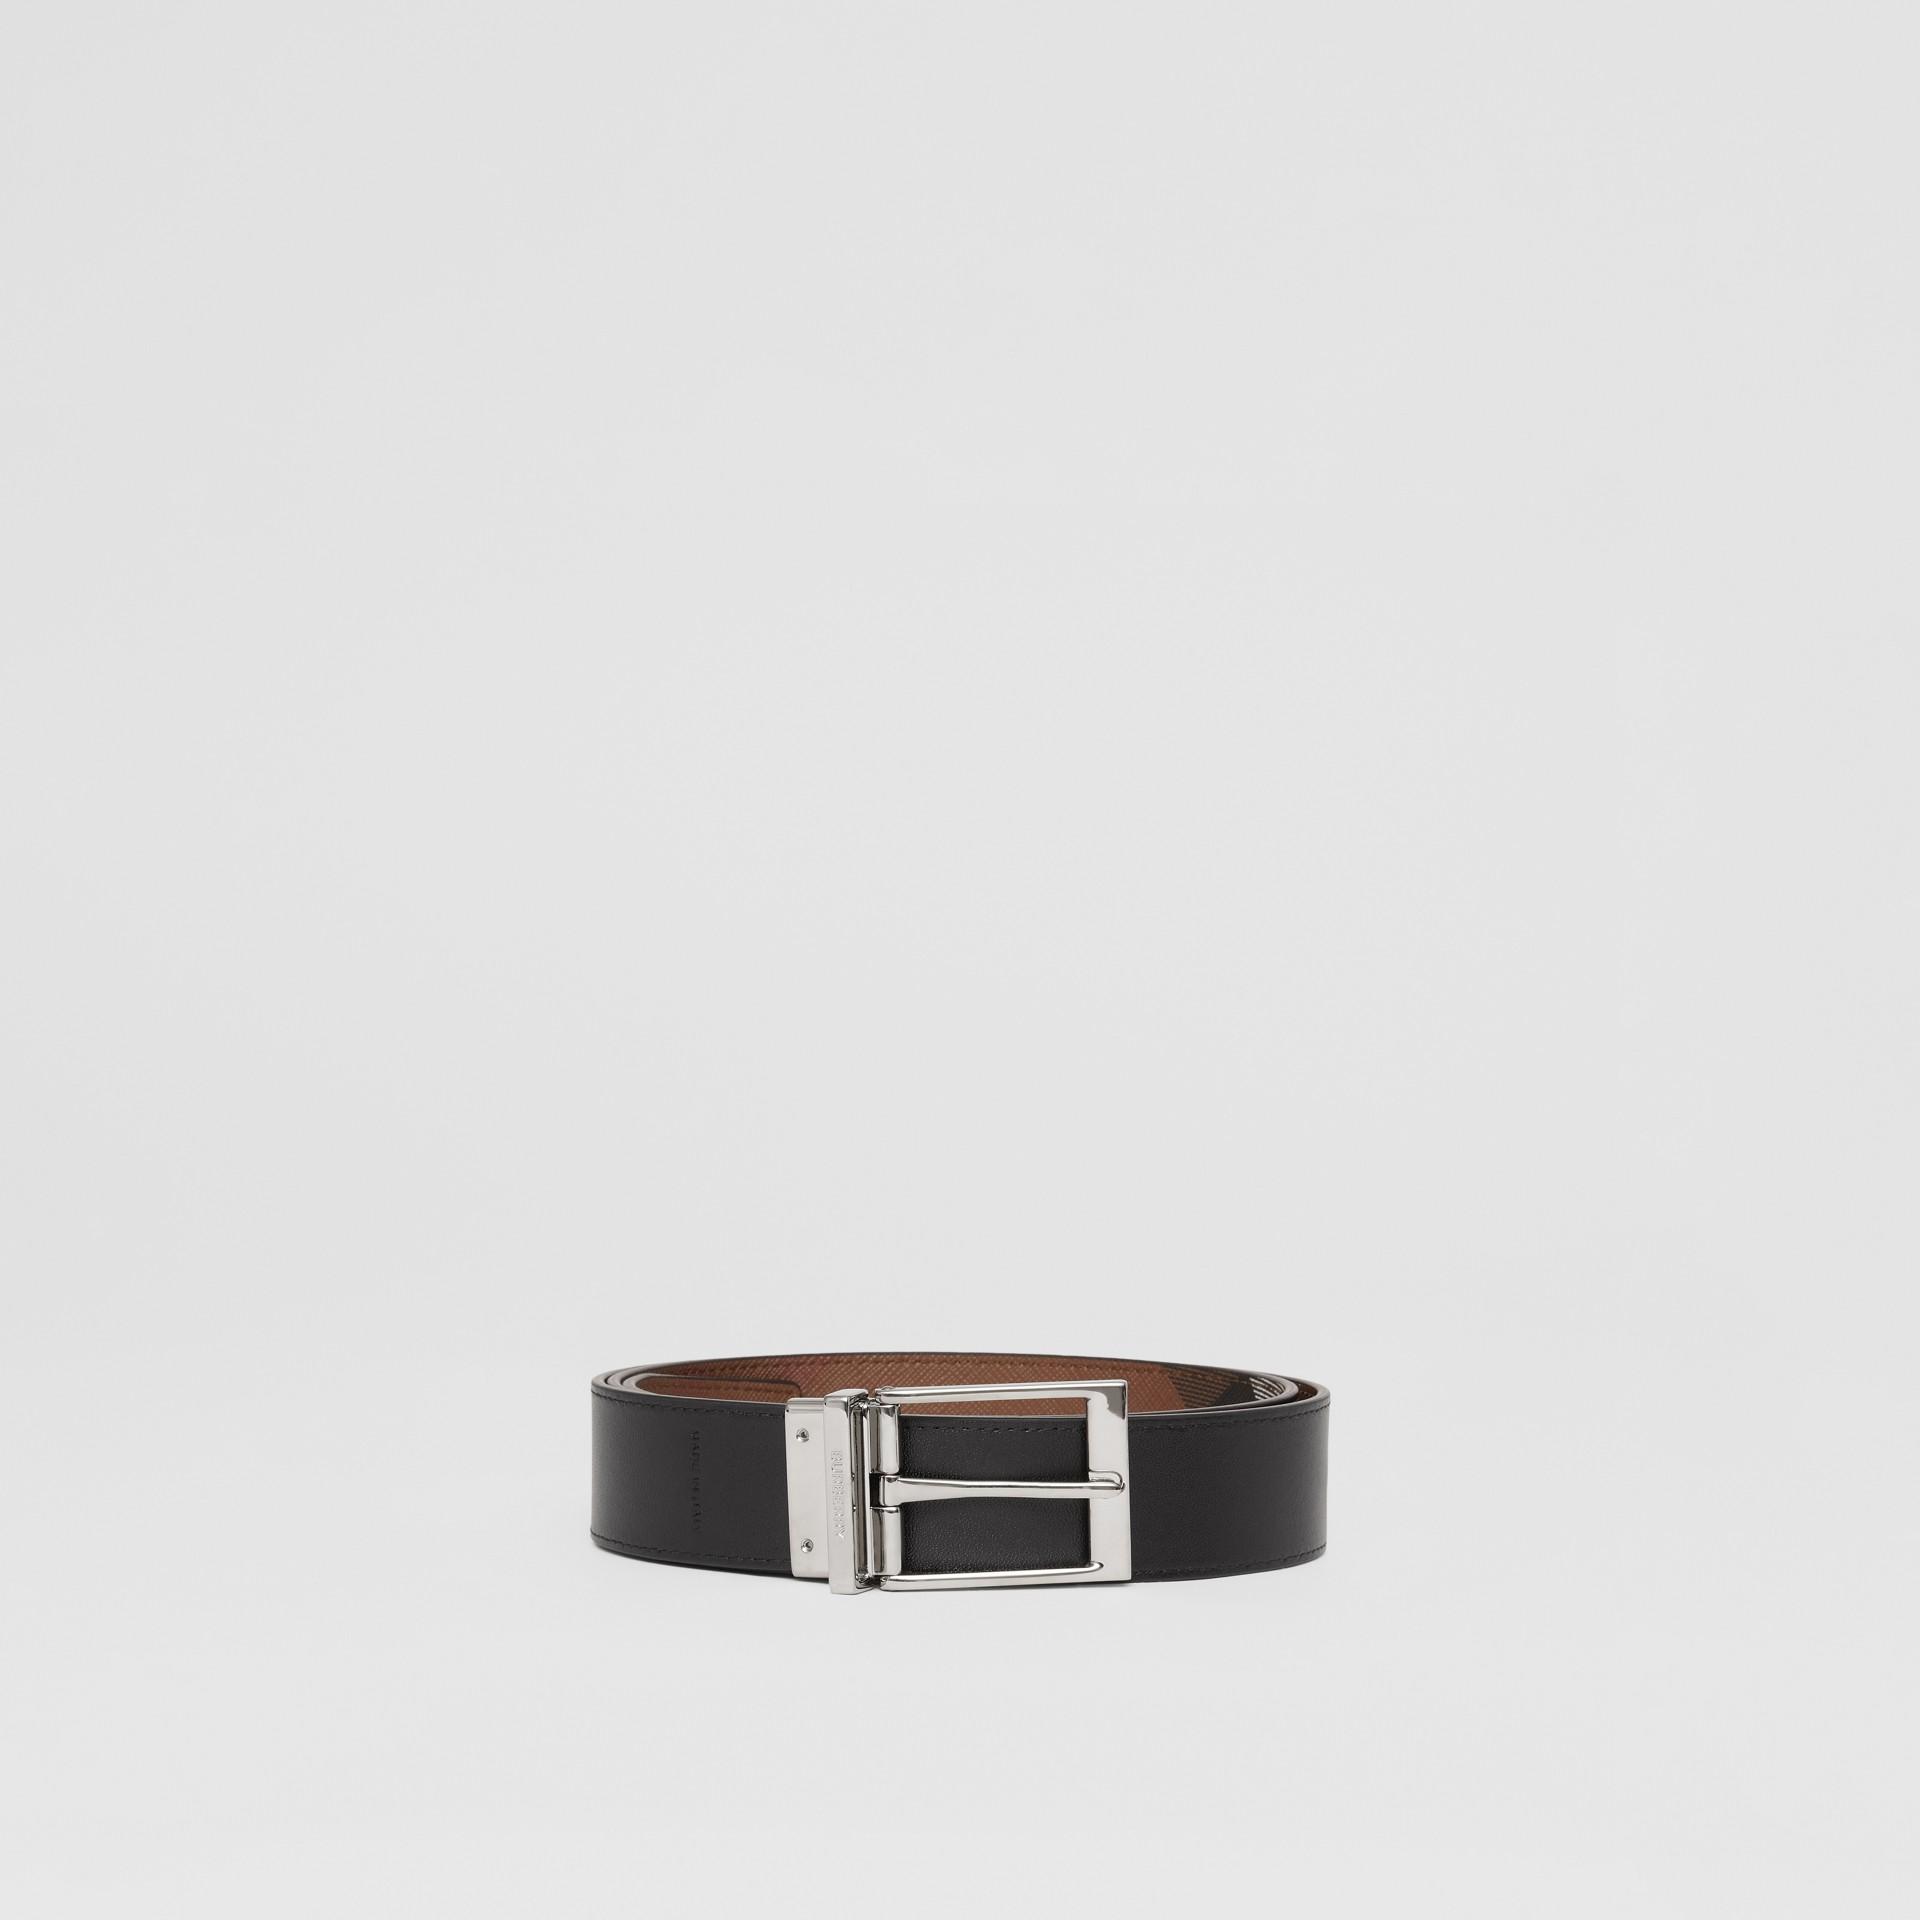 Cintura reversibile in e-canvas con motivo tartan e pelle (Marrone Betulla Scuro/nero) - Uomo | Burberry - immagine della galleria 6